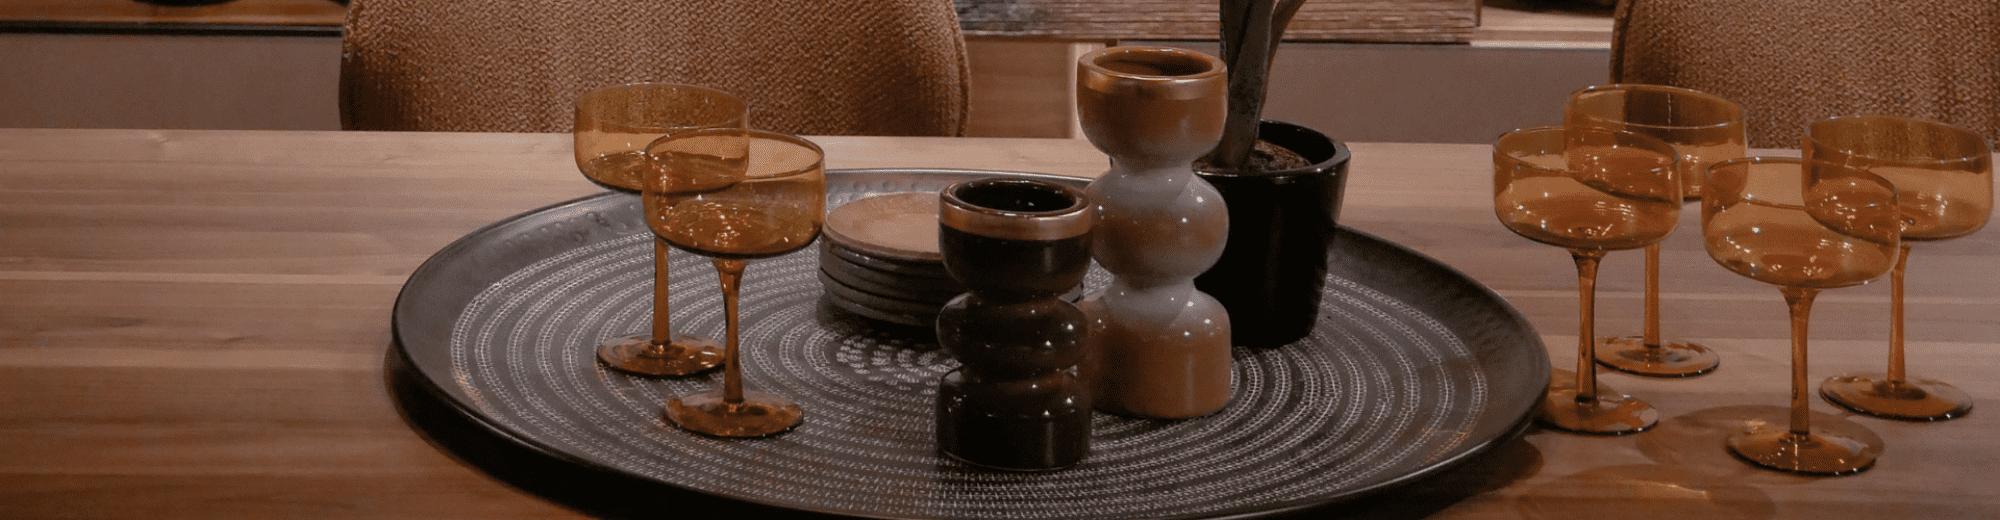 Verrerie et petite vaisselle vintage